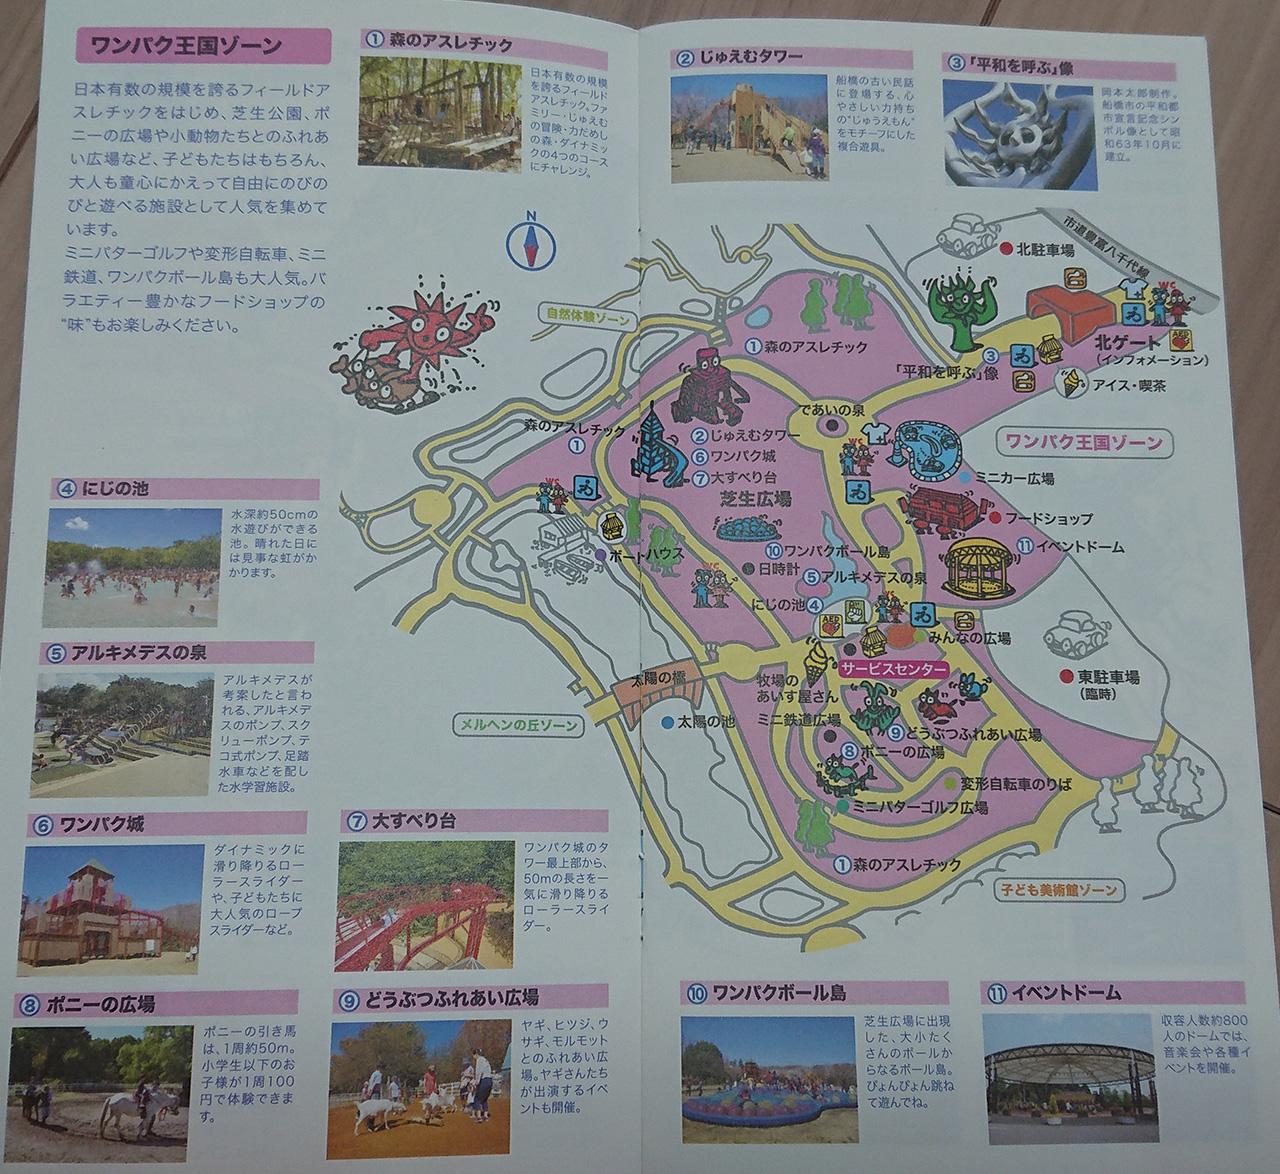 ワンパク王国ゾーンのマップ写真